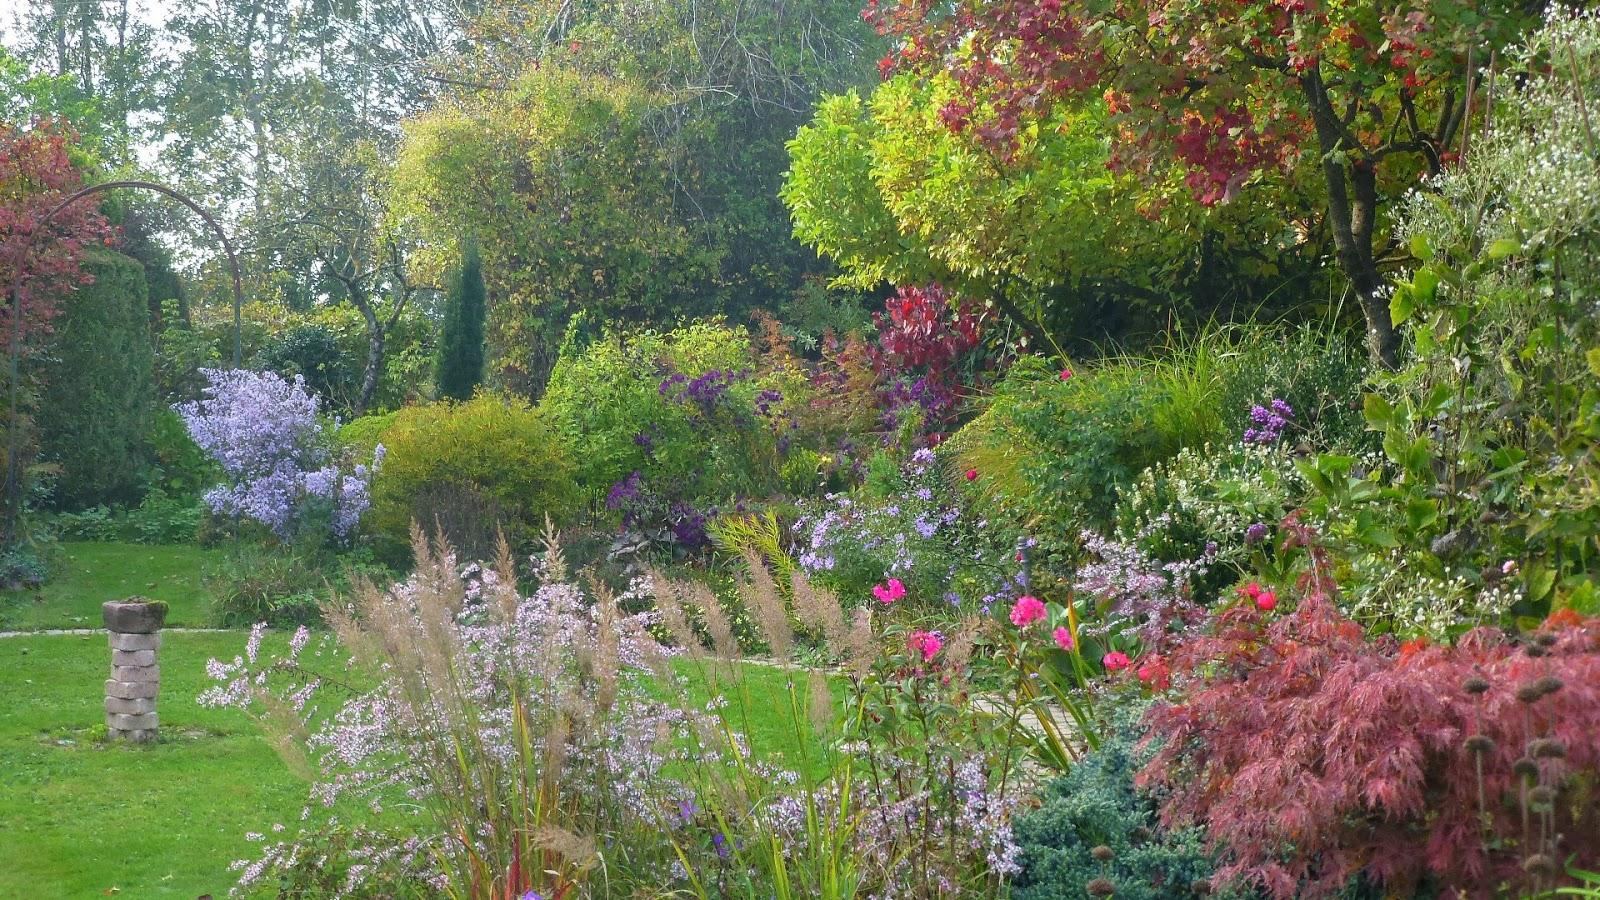 Le jardin de brigitte alsace d but octobre 1 for Jardin octobre